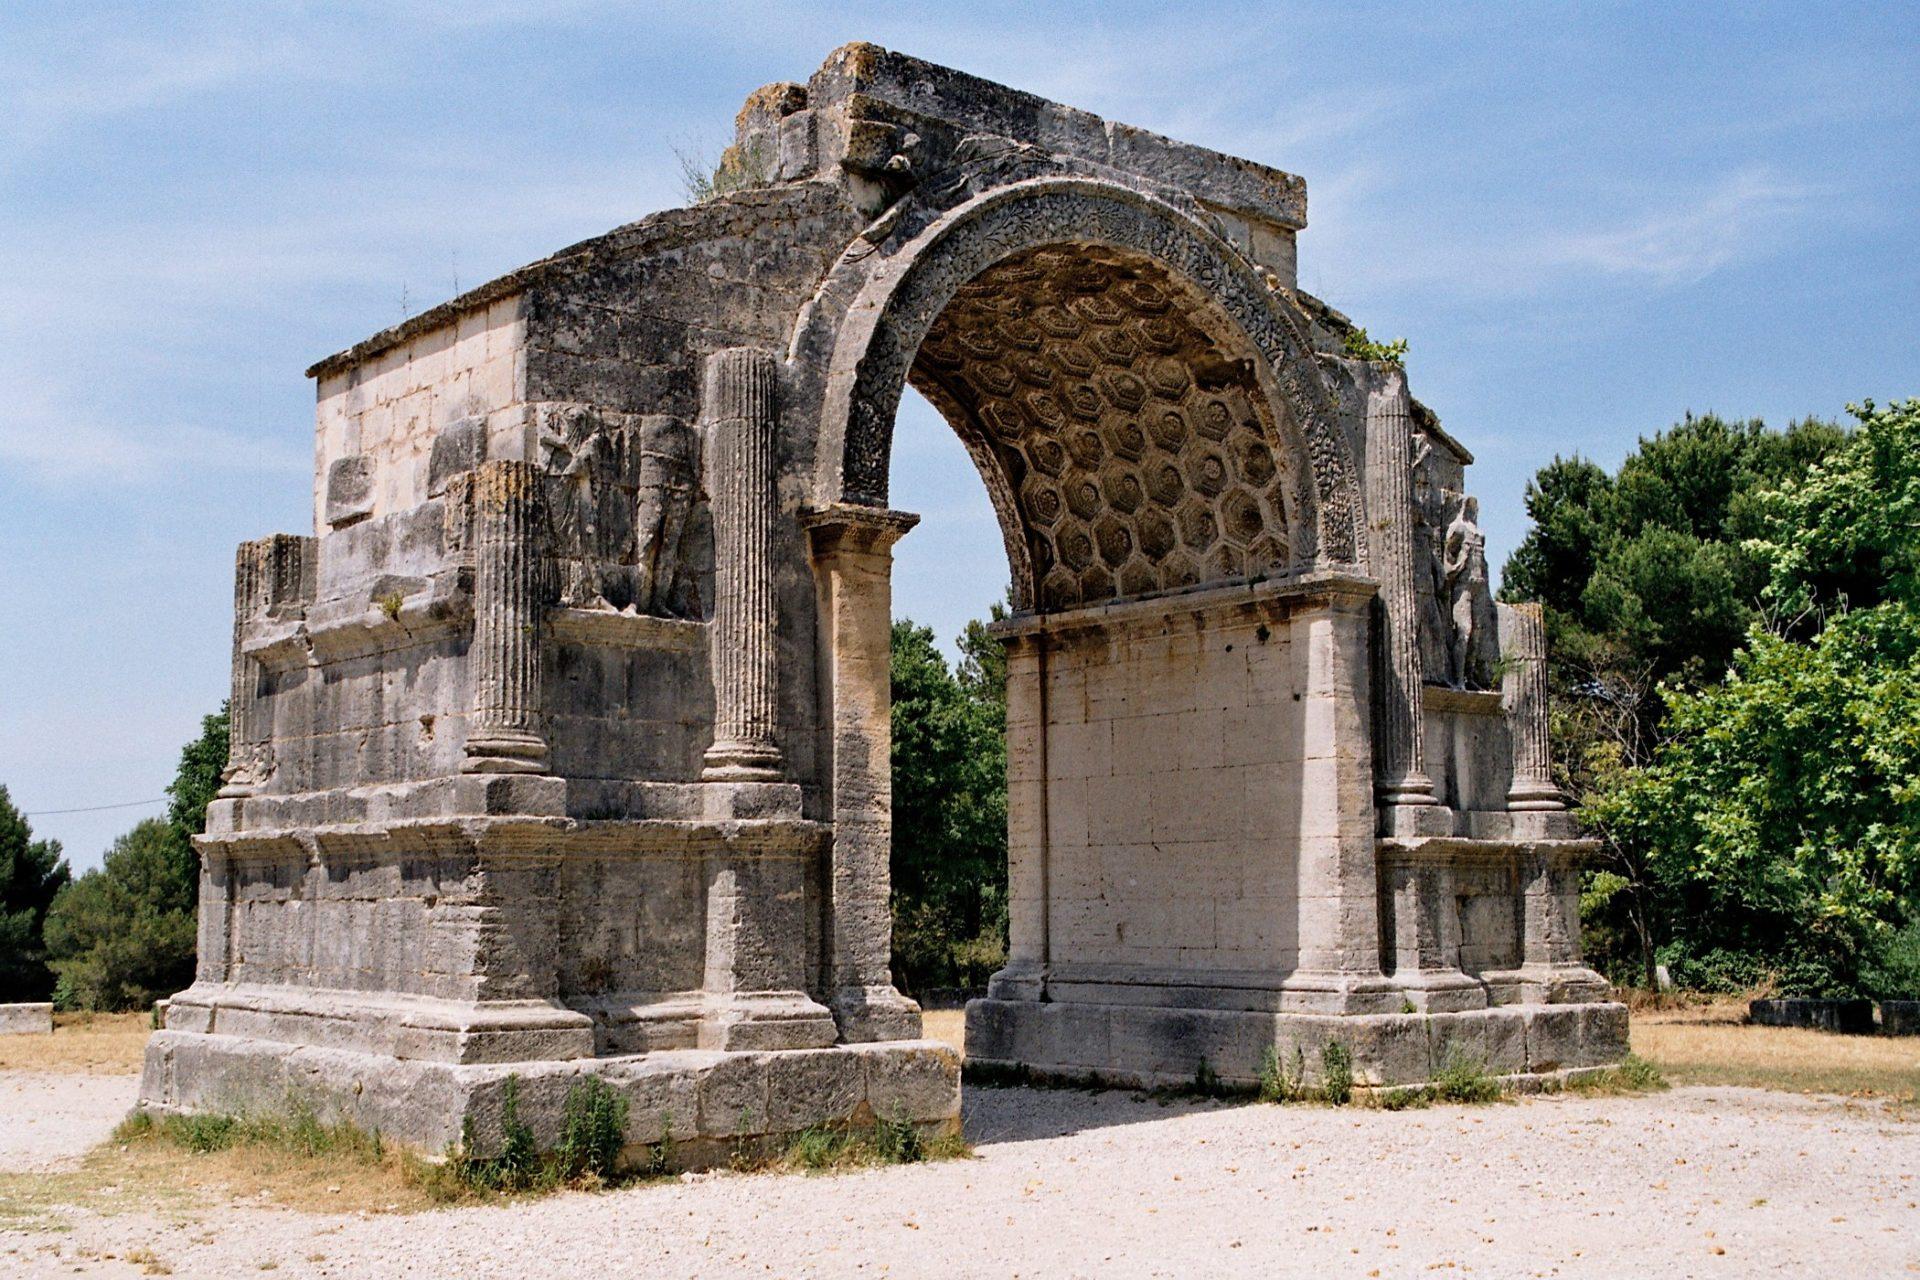 Visiter le côté historique de la Provence avec la cité antique de Glanum